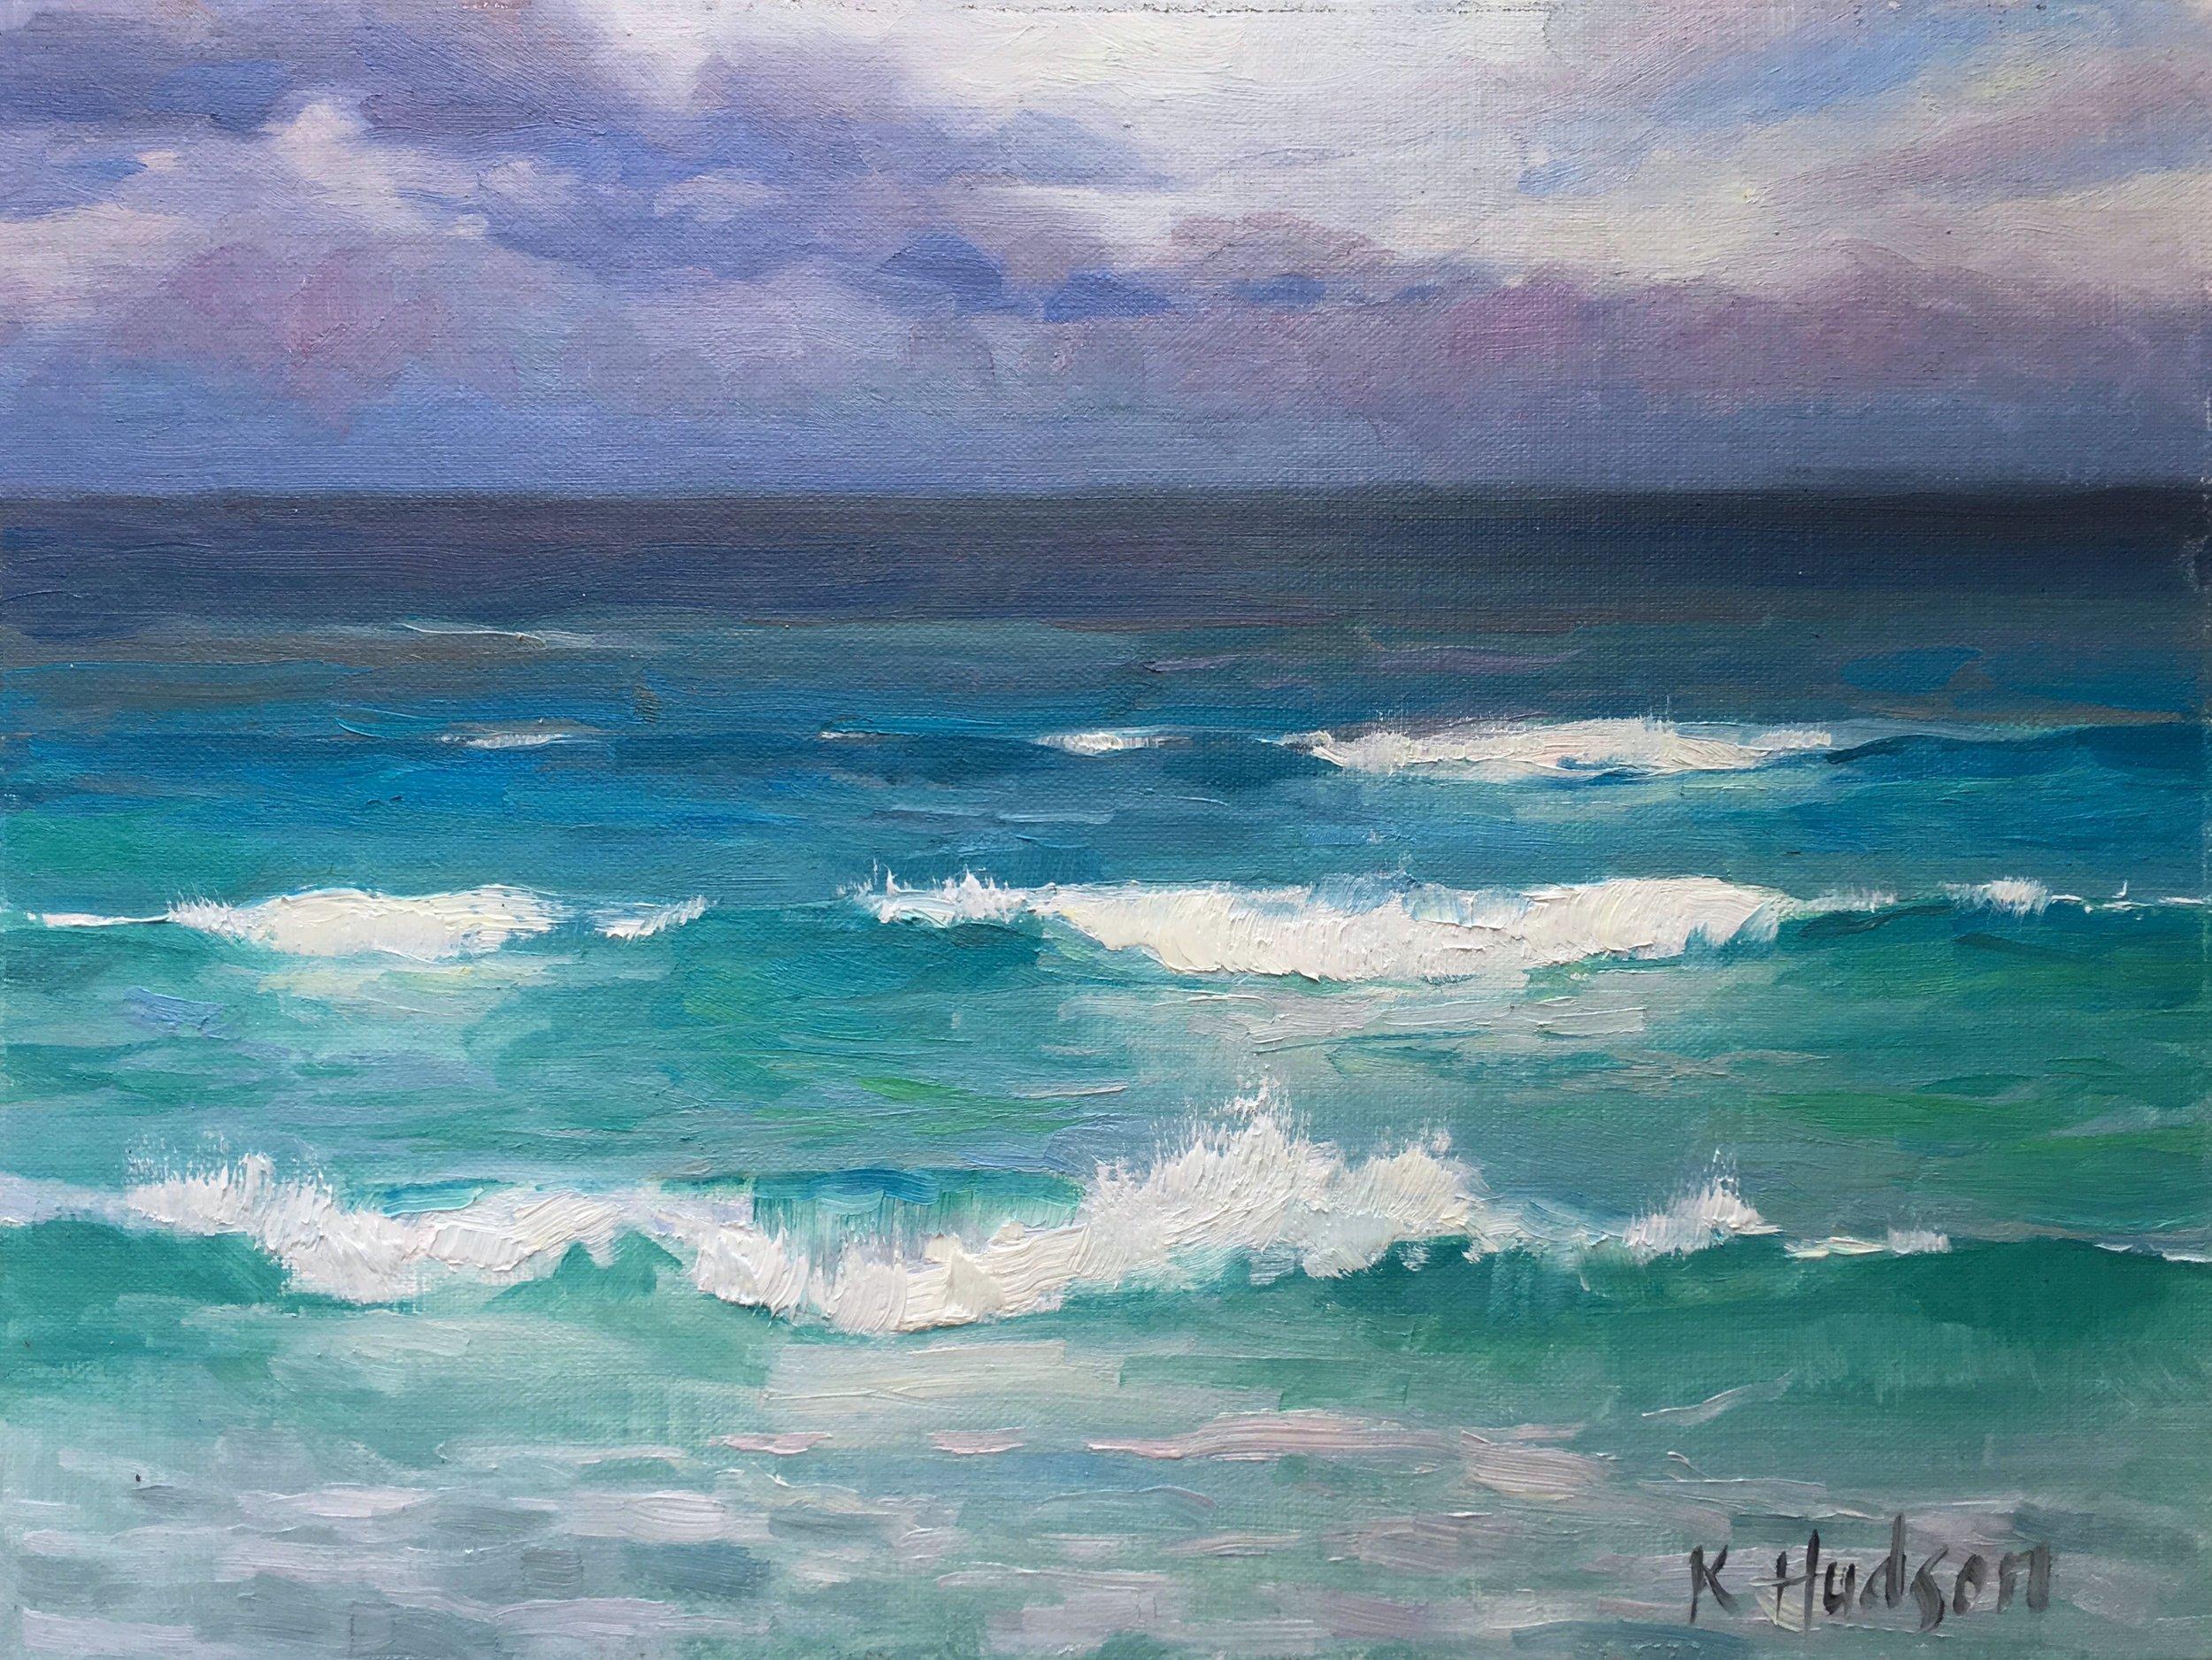 Hudson - Caribbean Waves.jpg